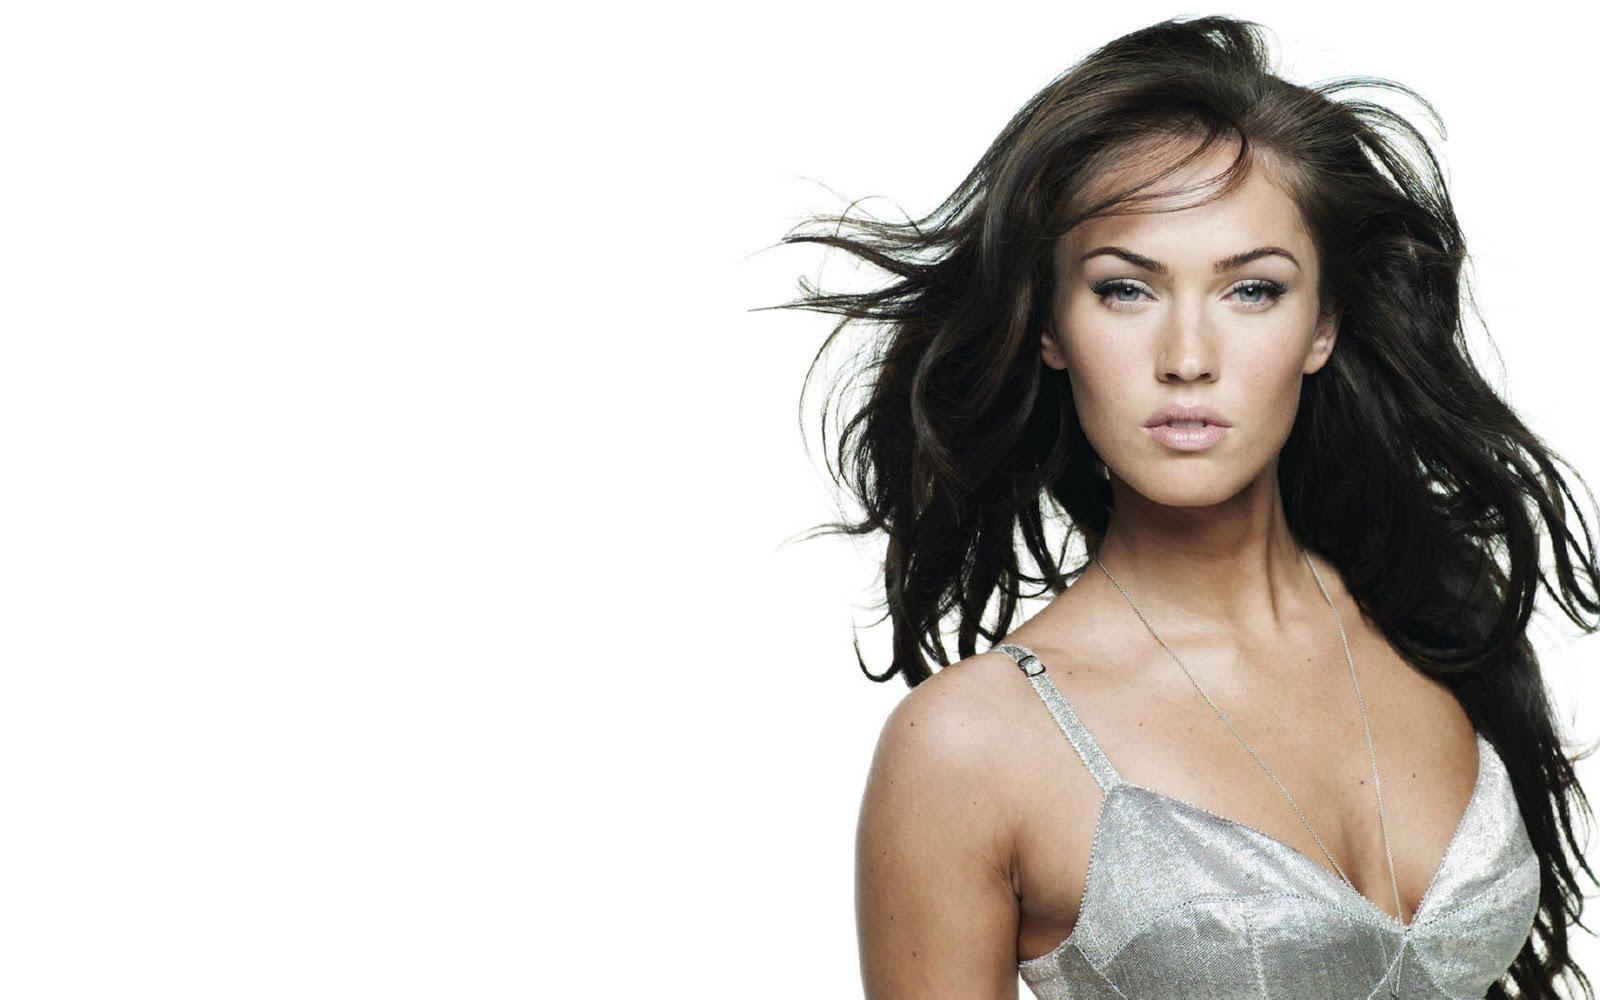 http://2.bp.blogspot.com/-XjvNM5uQ1JI/TlsMgiwpLfI/AAAAAAAAAAs/H49kh6CAo5c/s1600/Megan_Fox_2.jpg